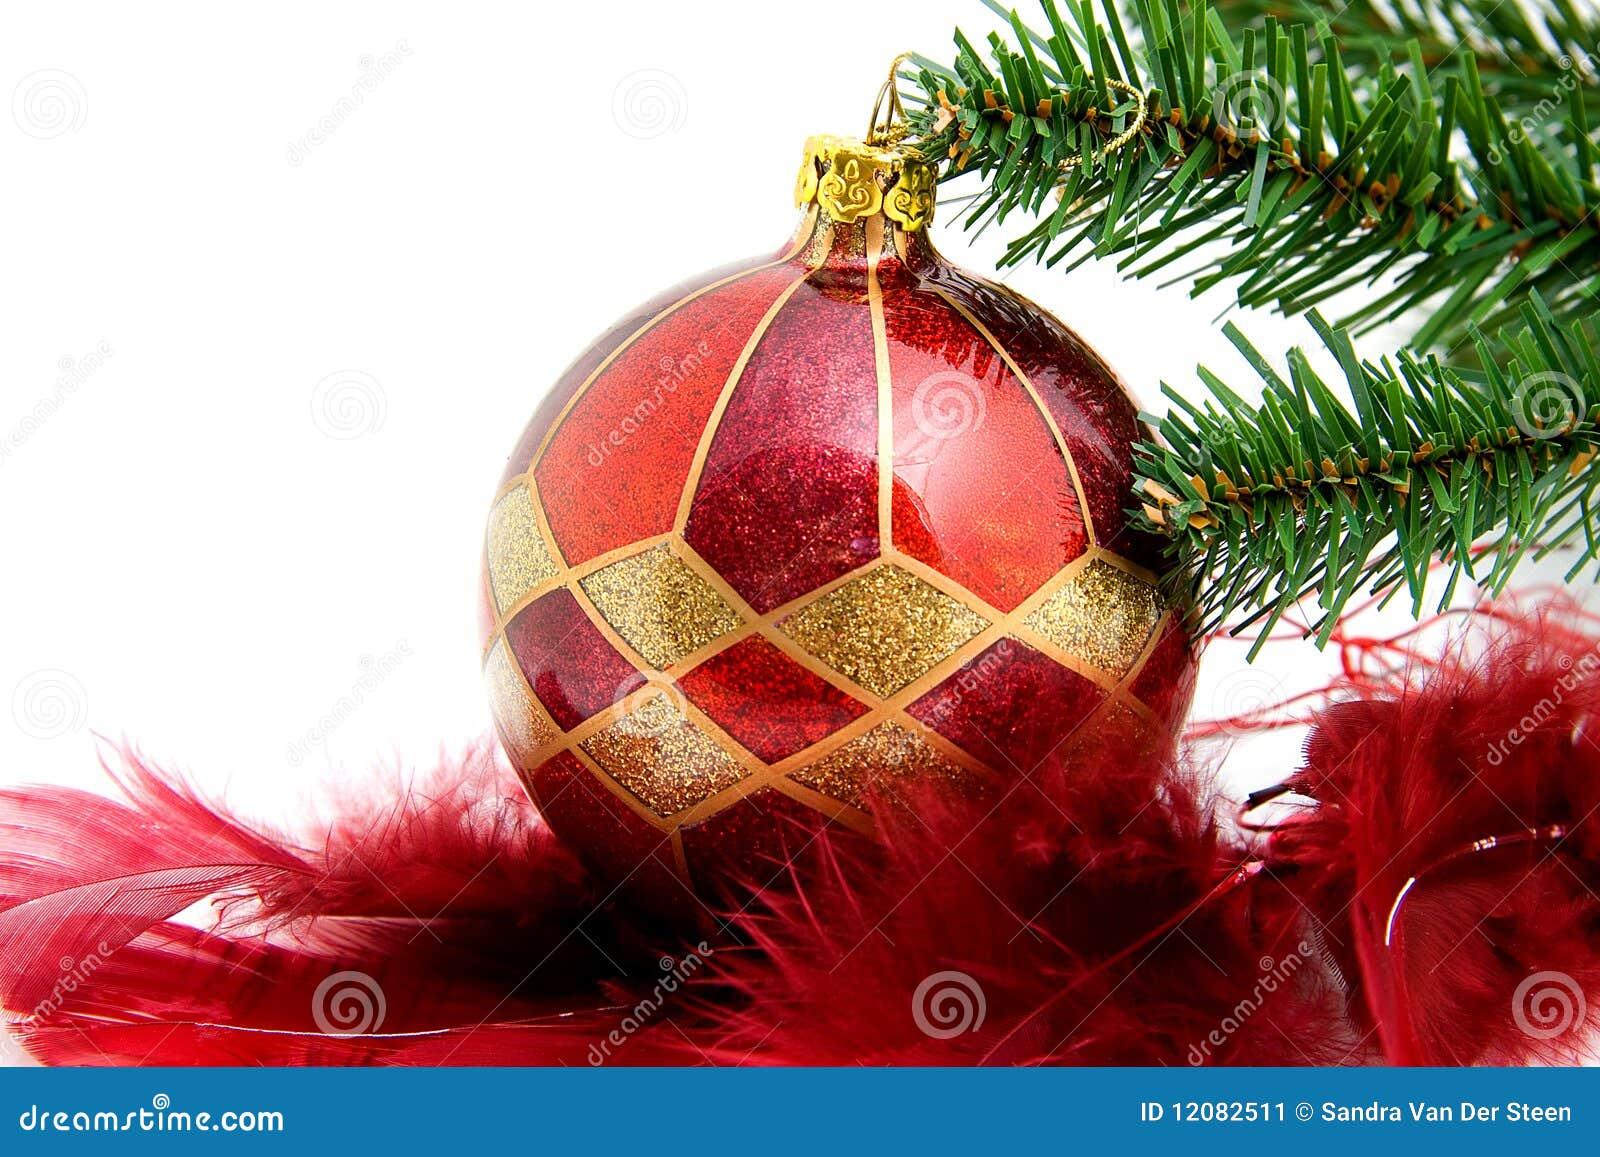 weihnachtskugel mit federn und baum stockbild bild von sankt feder 12082511. Black Bedroom Furniture Sets. Home Design Ideas